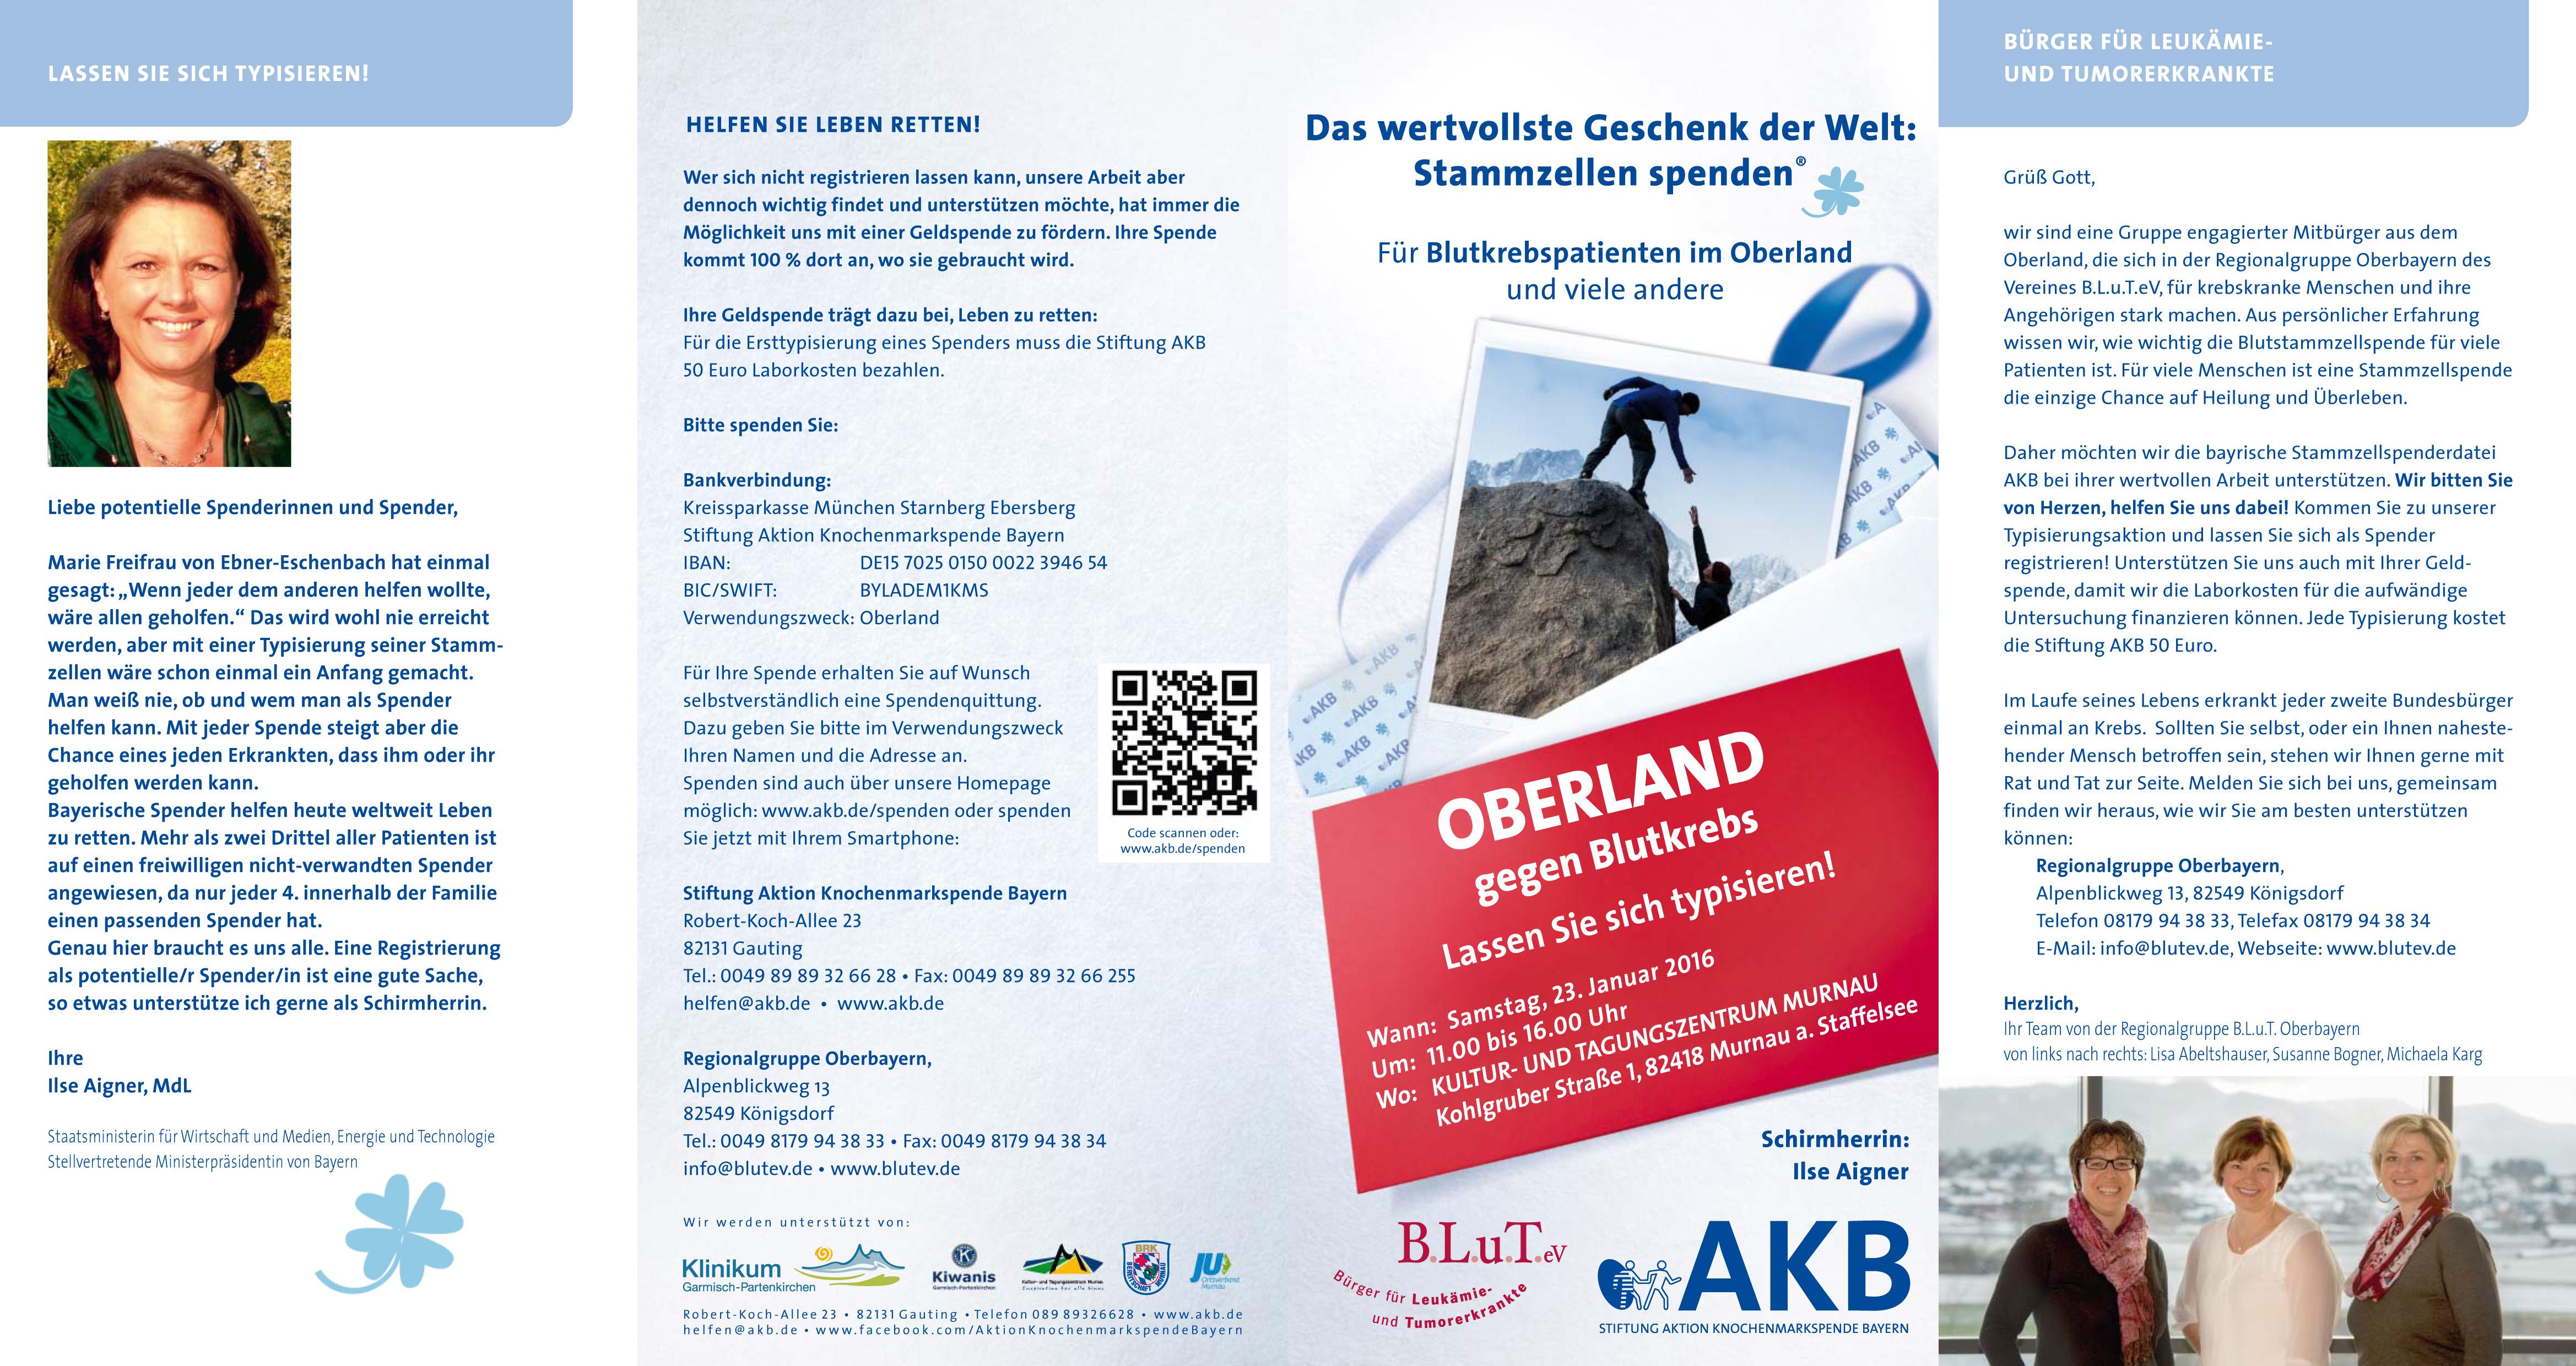 AKB-15-059_Aktion_Murnau_Fo_LY04.indd